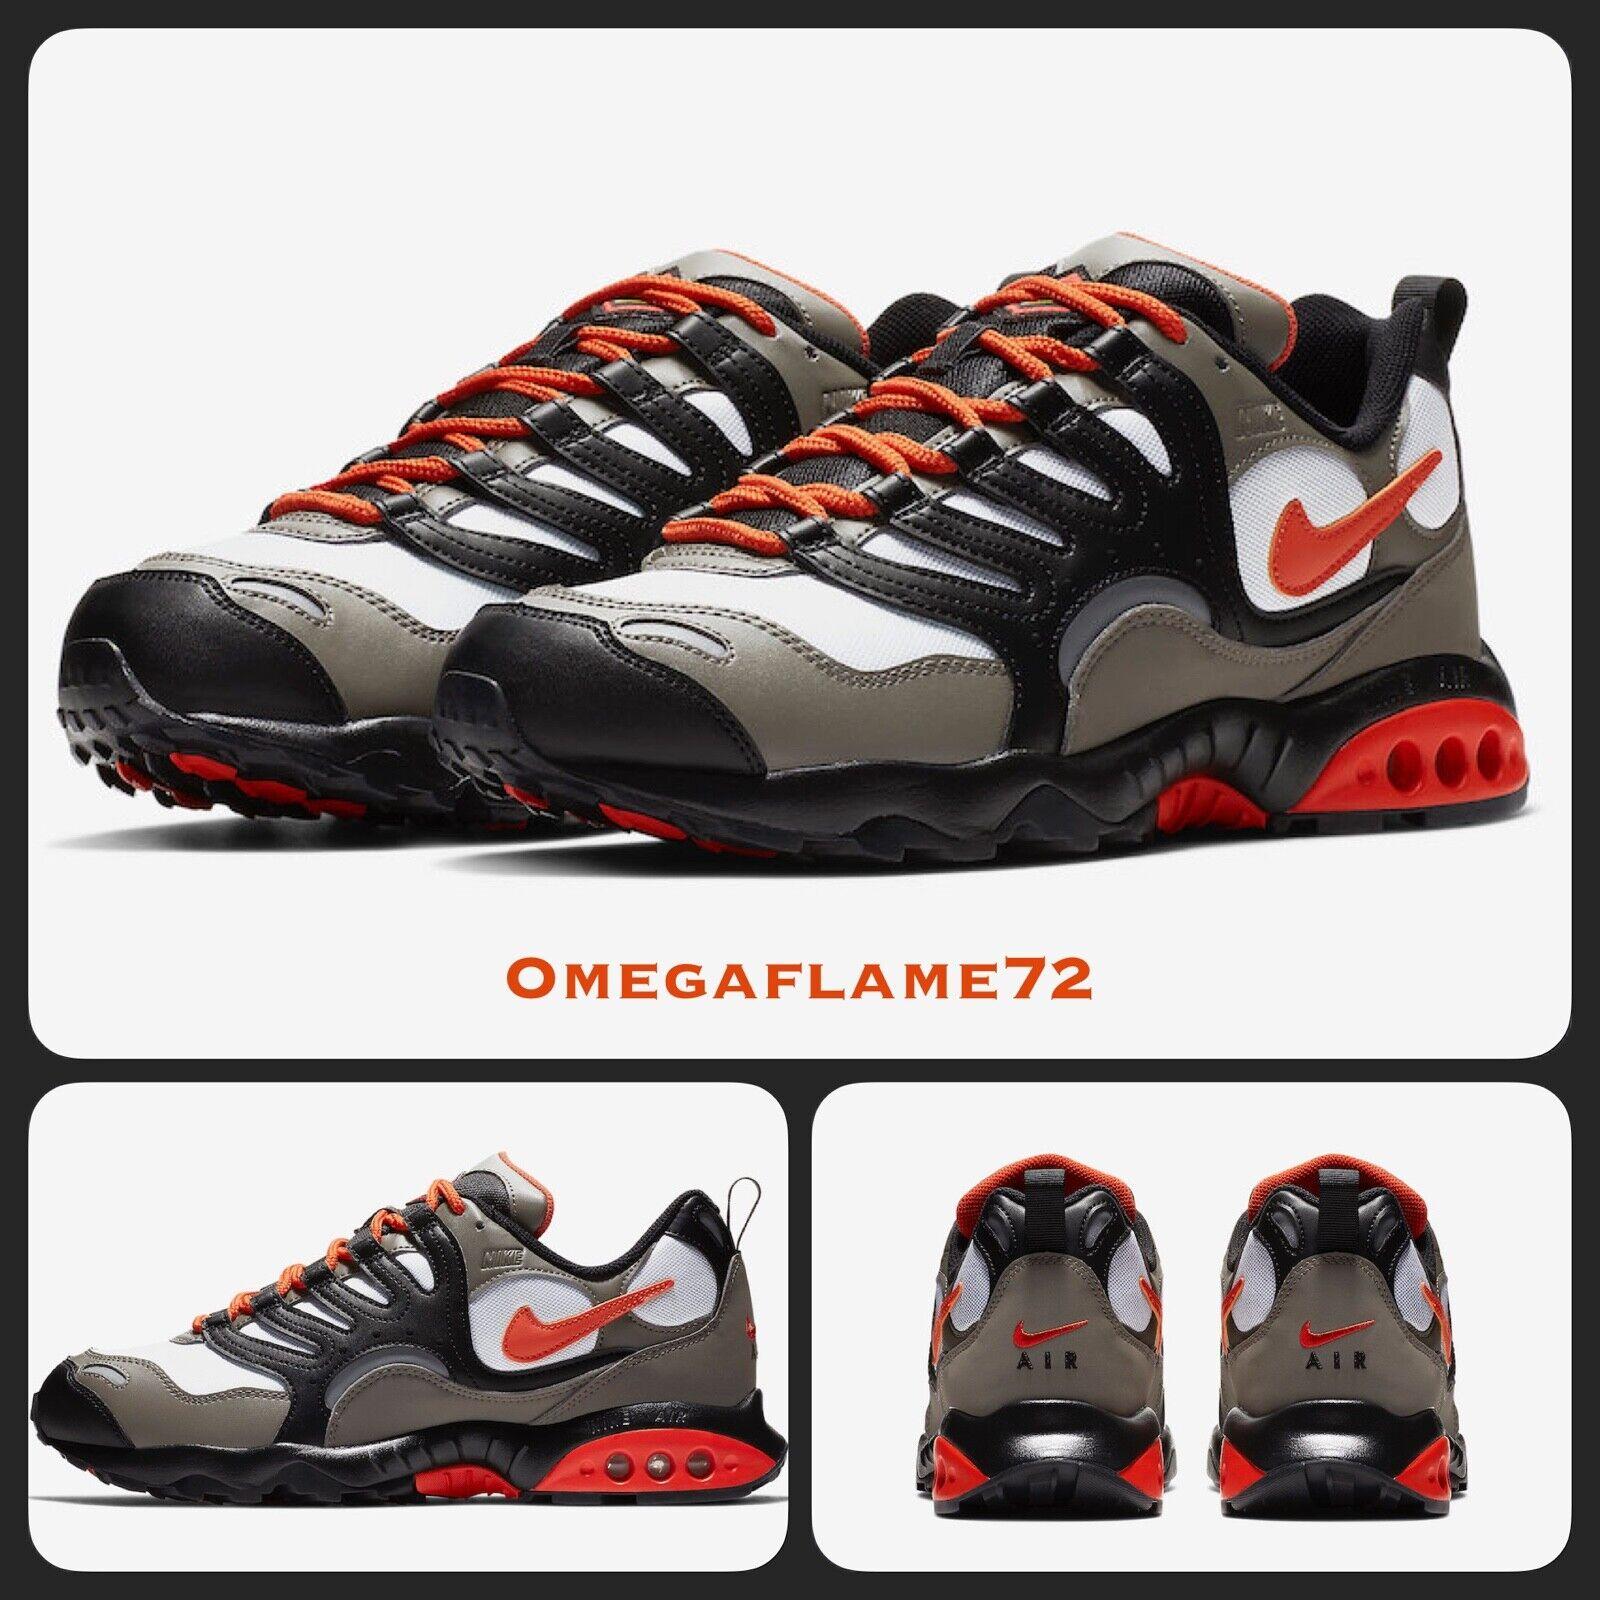 Nike Air Terra Humara '18, Sz UK 9.5, EU 44.5, US 10.5, AO1545-003, ACG